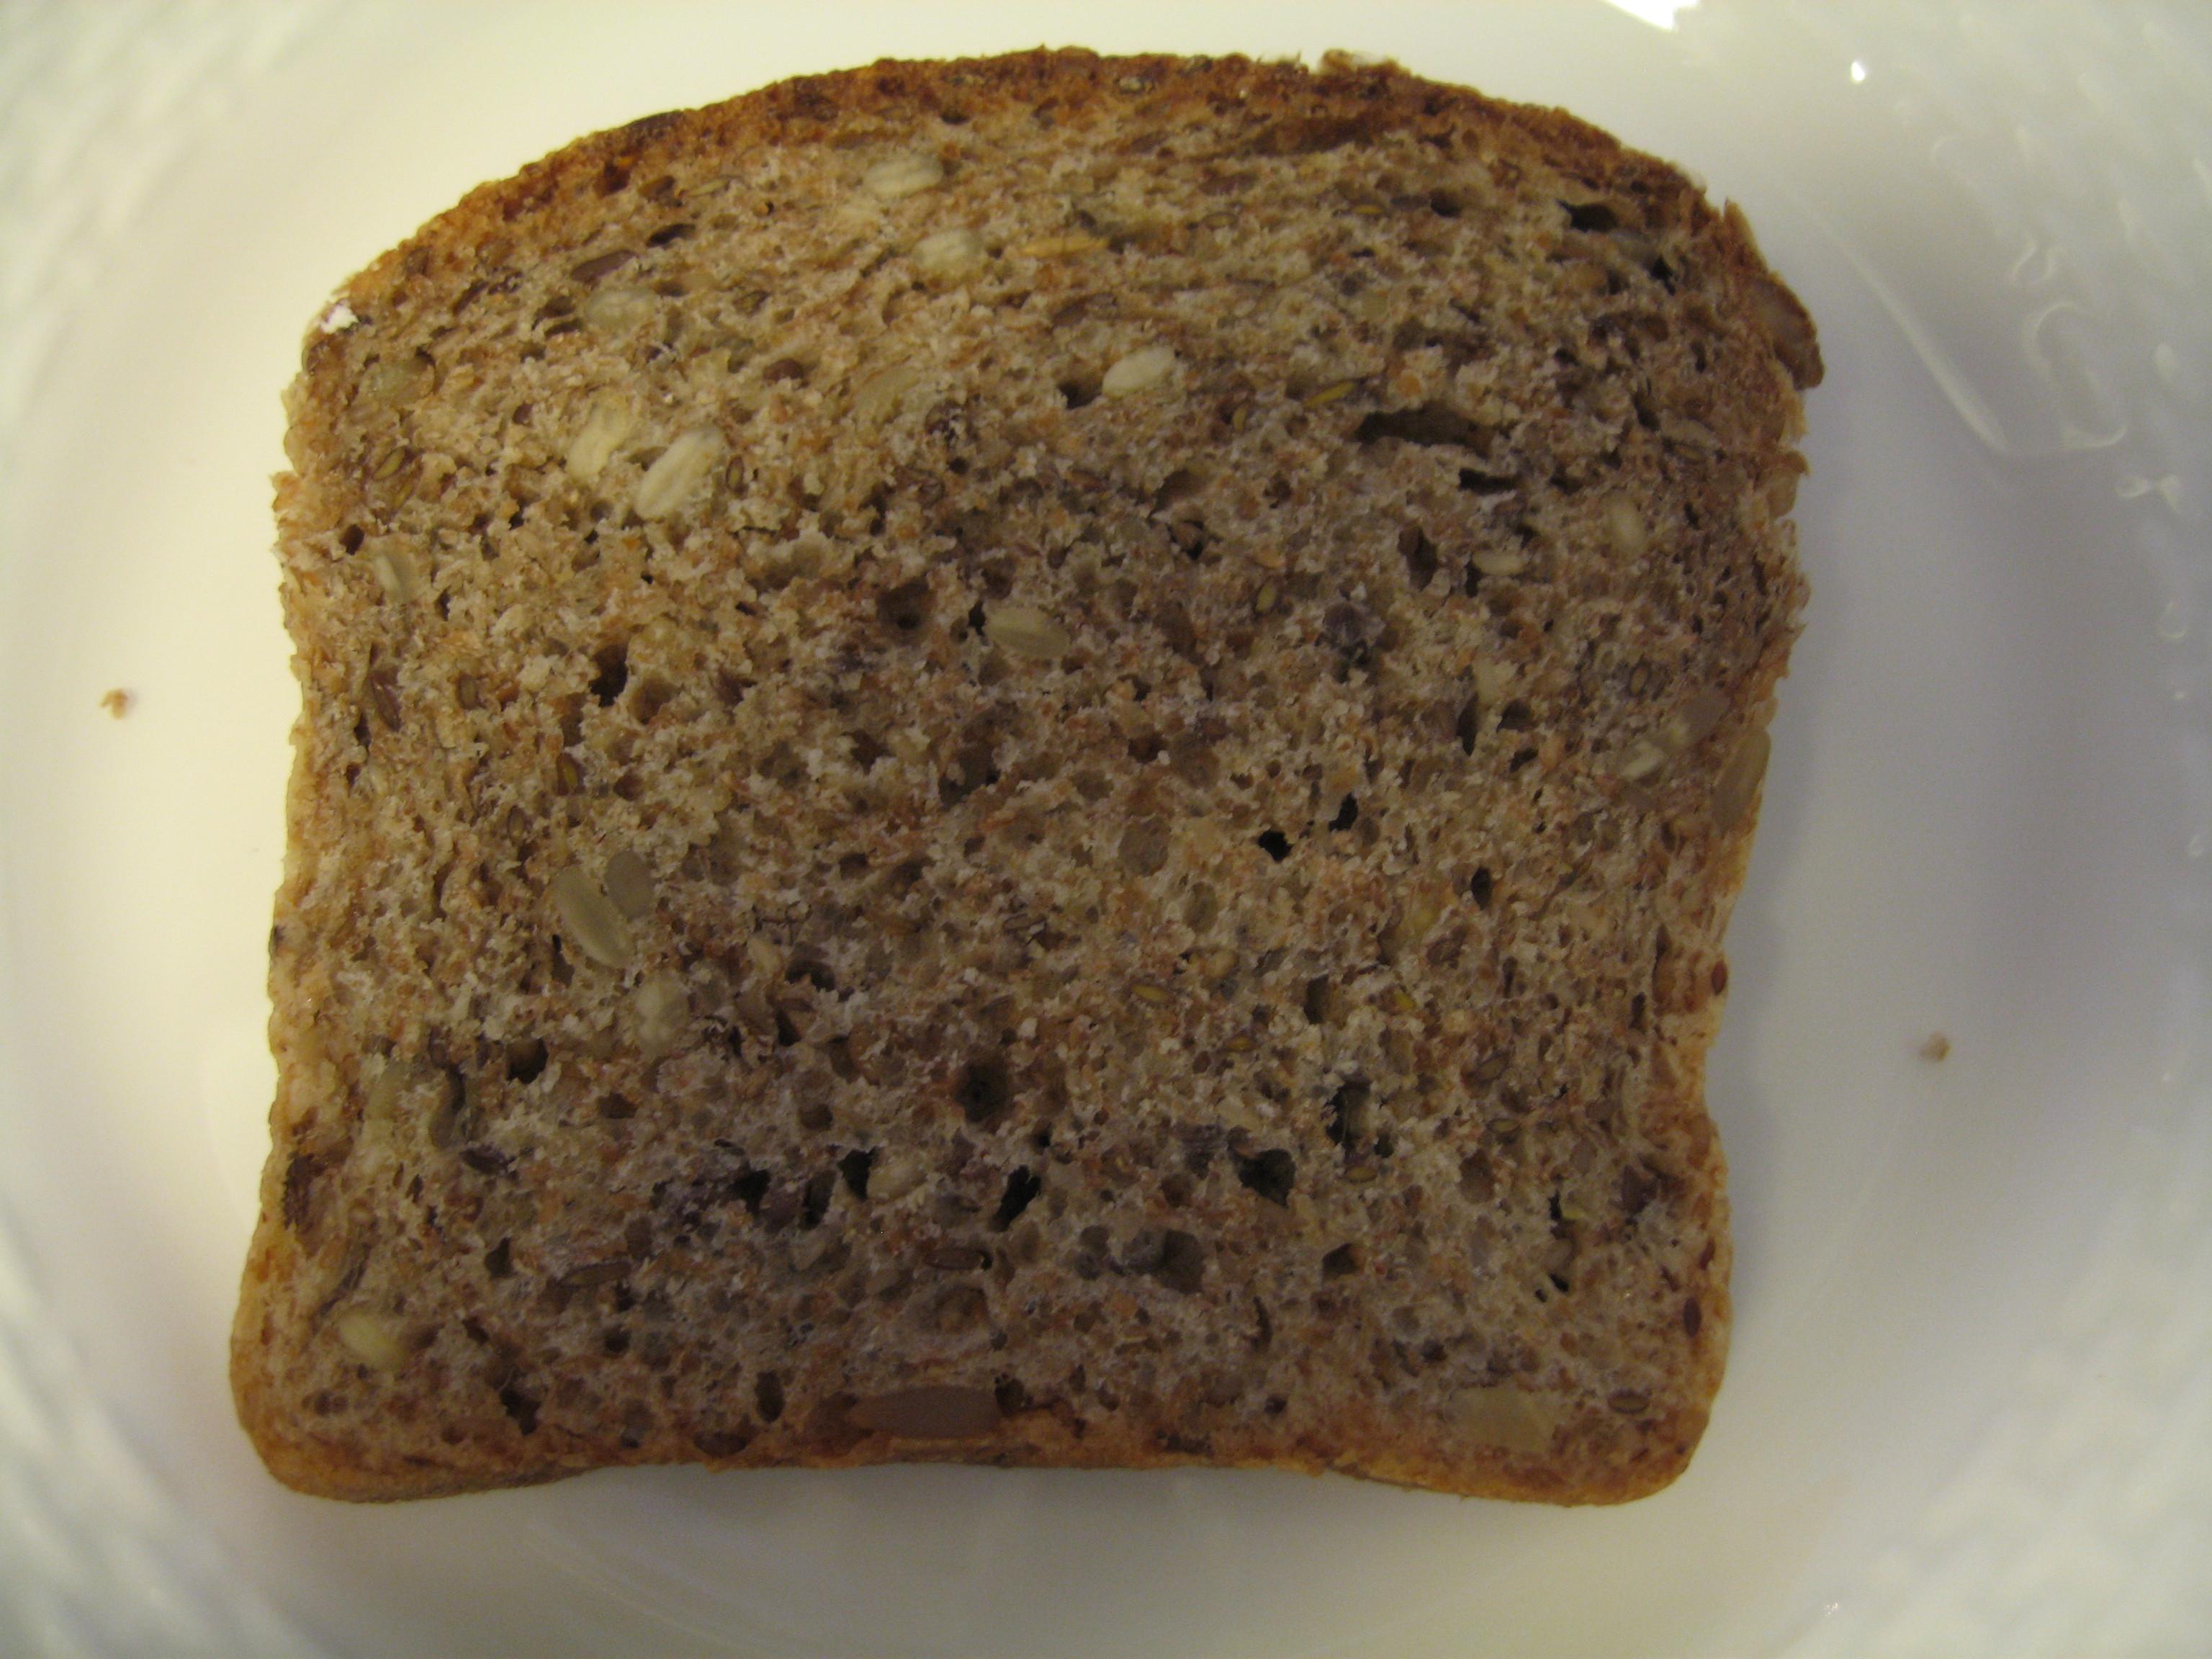 Best Whole Grain Bread  Choosing the Best Whole Grain Bread